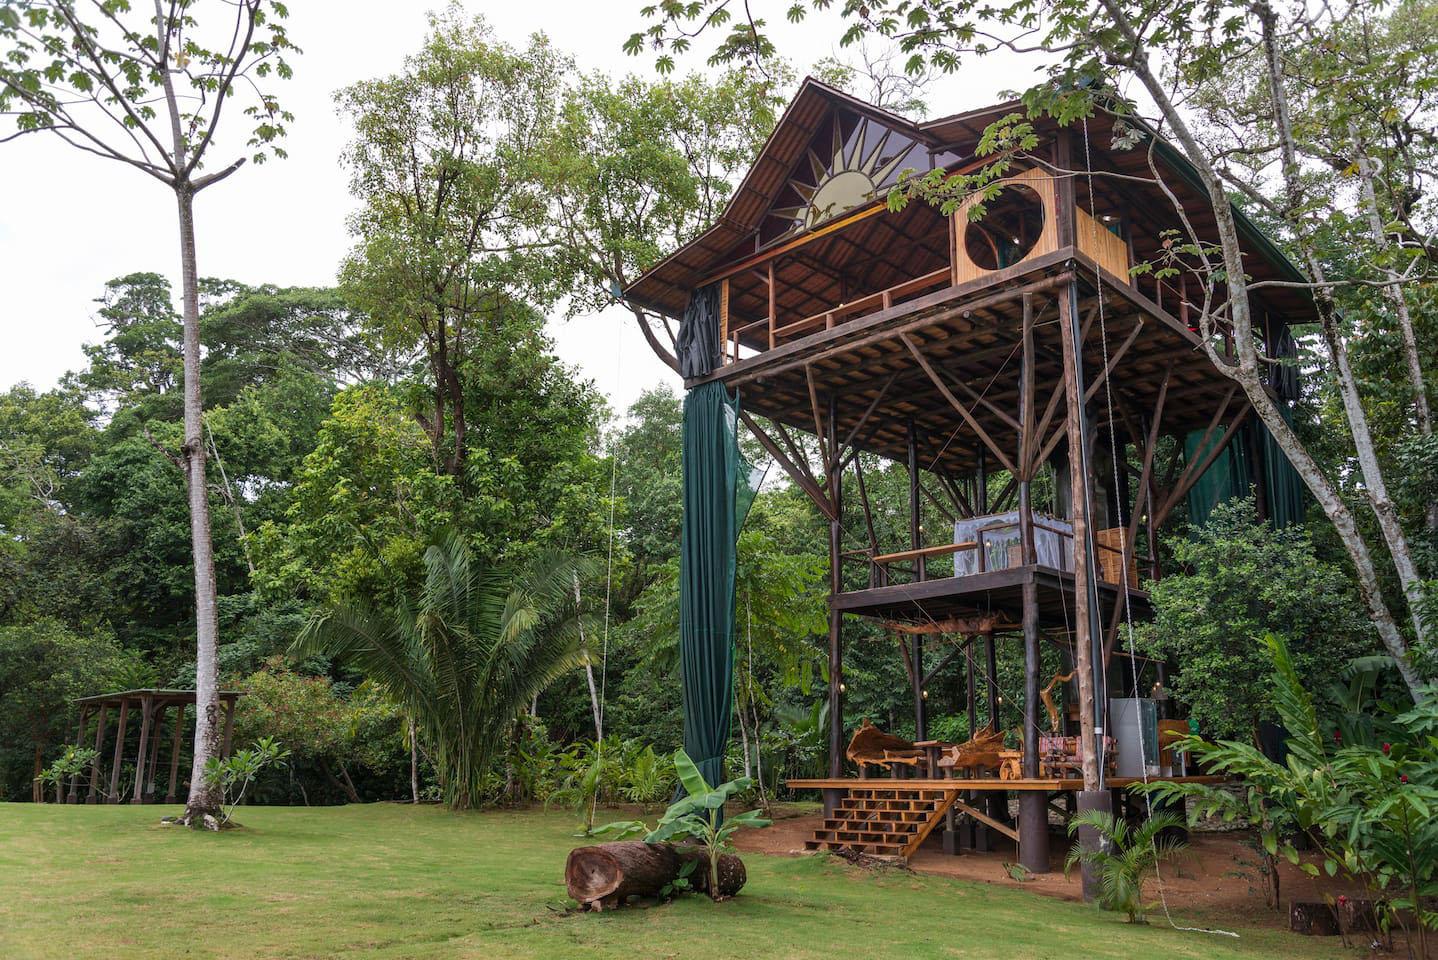 nhà trên cây trong rừng